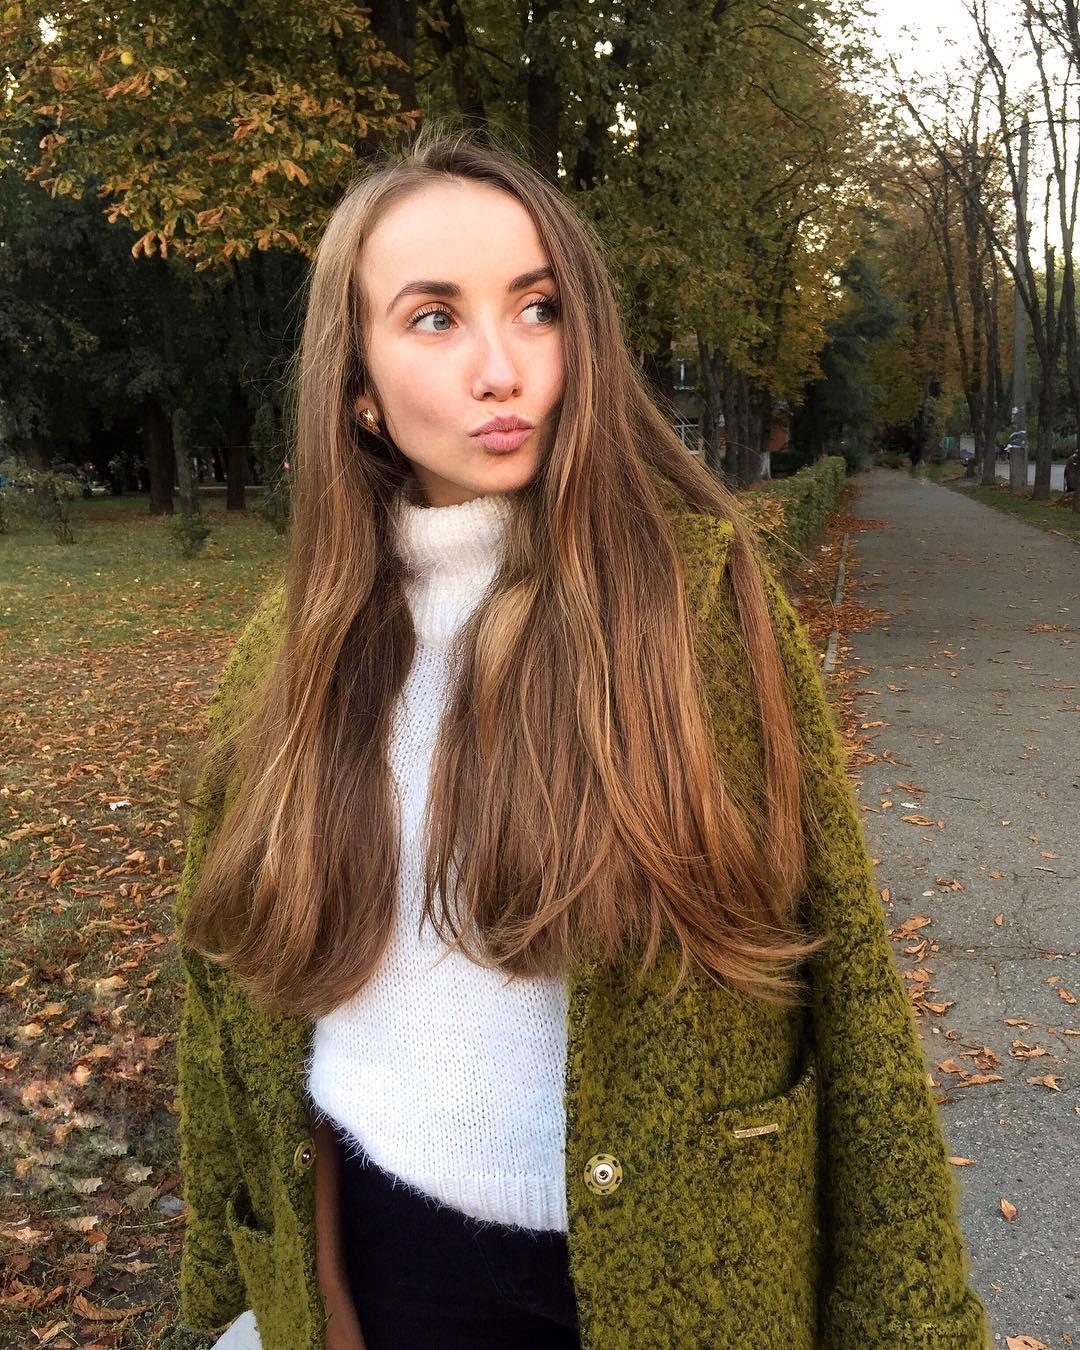 Только б тонко касаться руки, и волос твоих цветом в осень... Фото: @kuznetsova_juliia